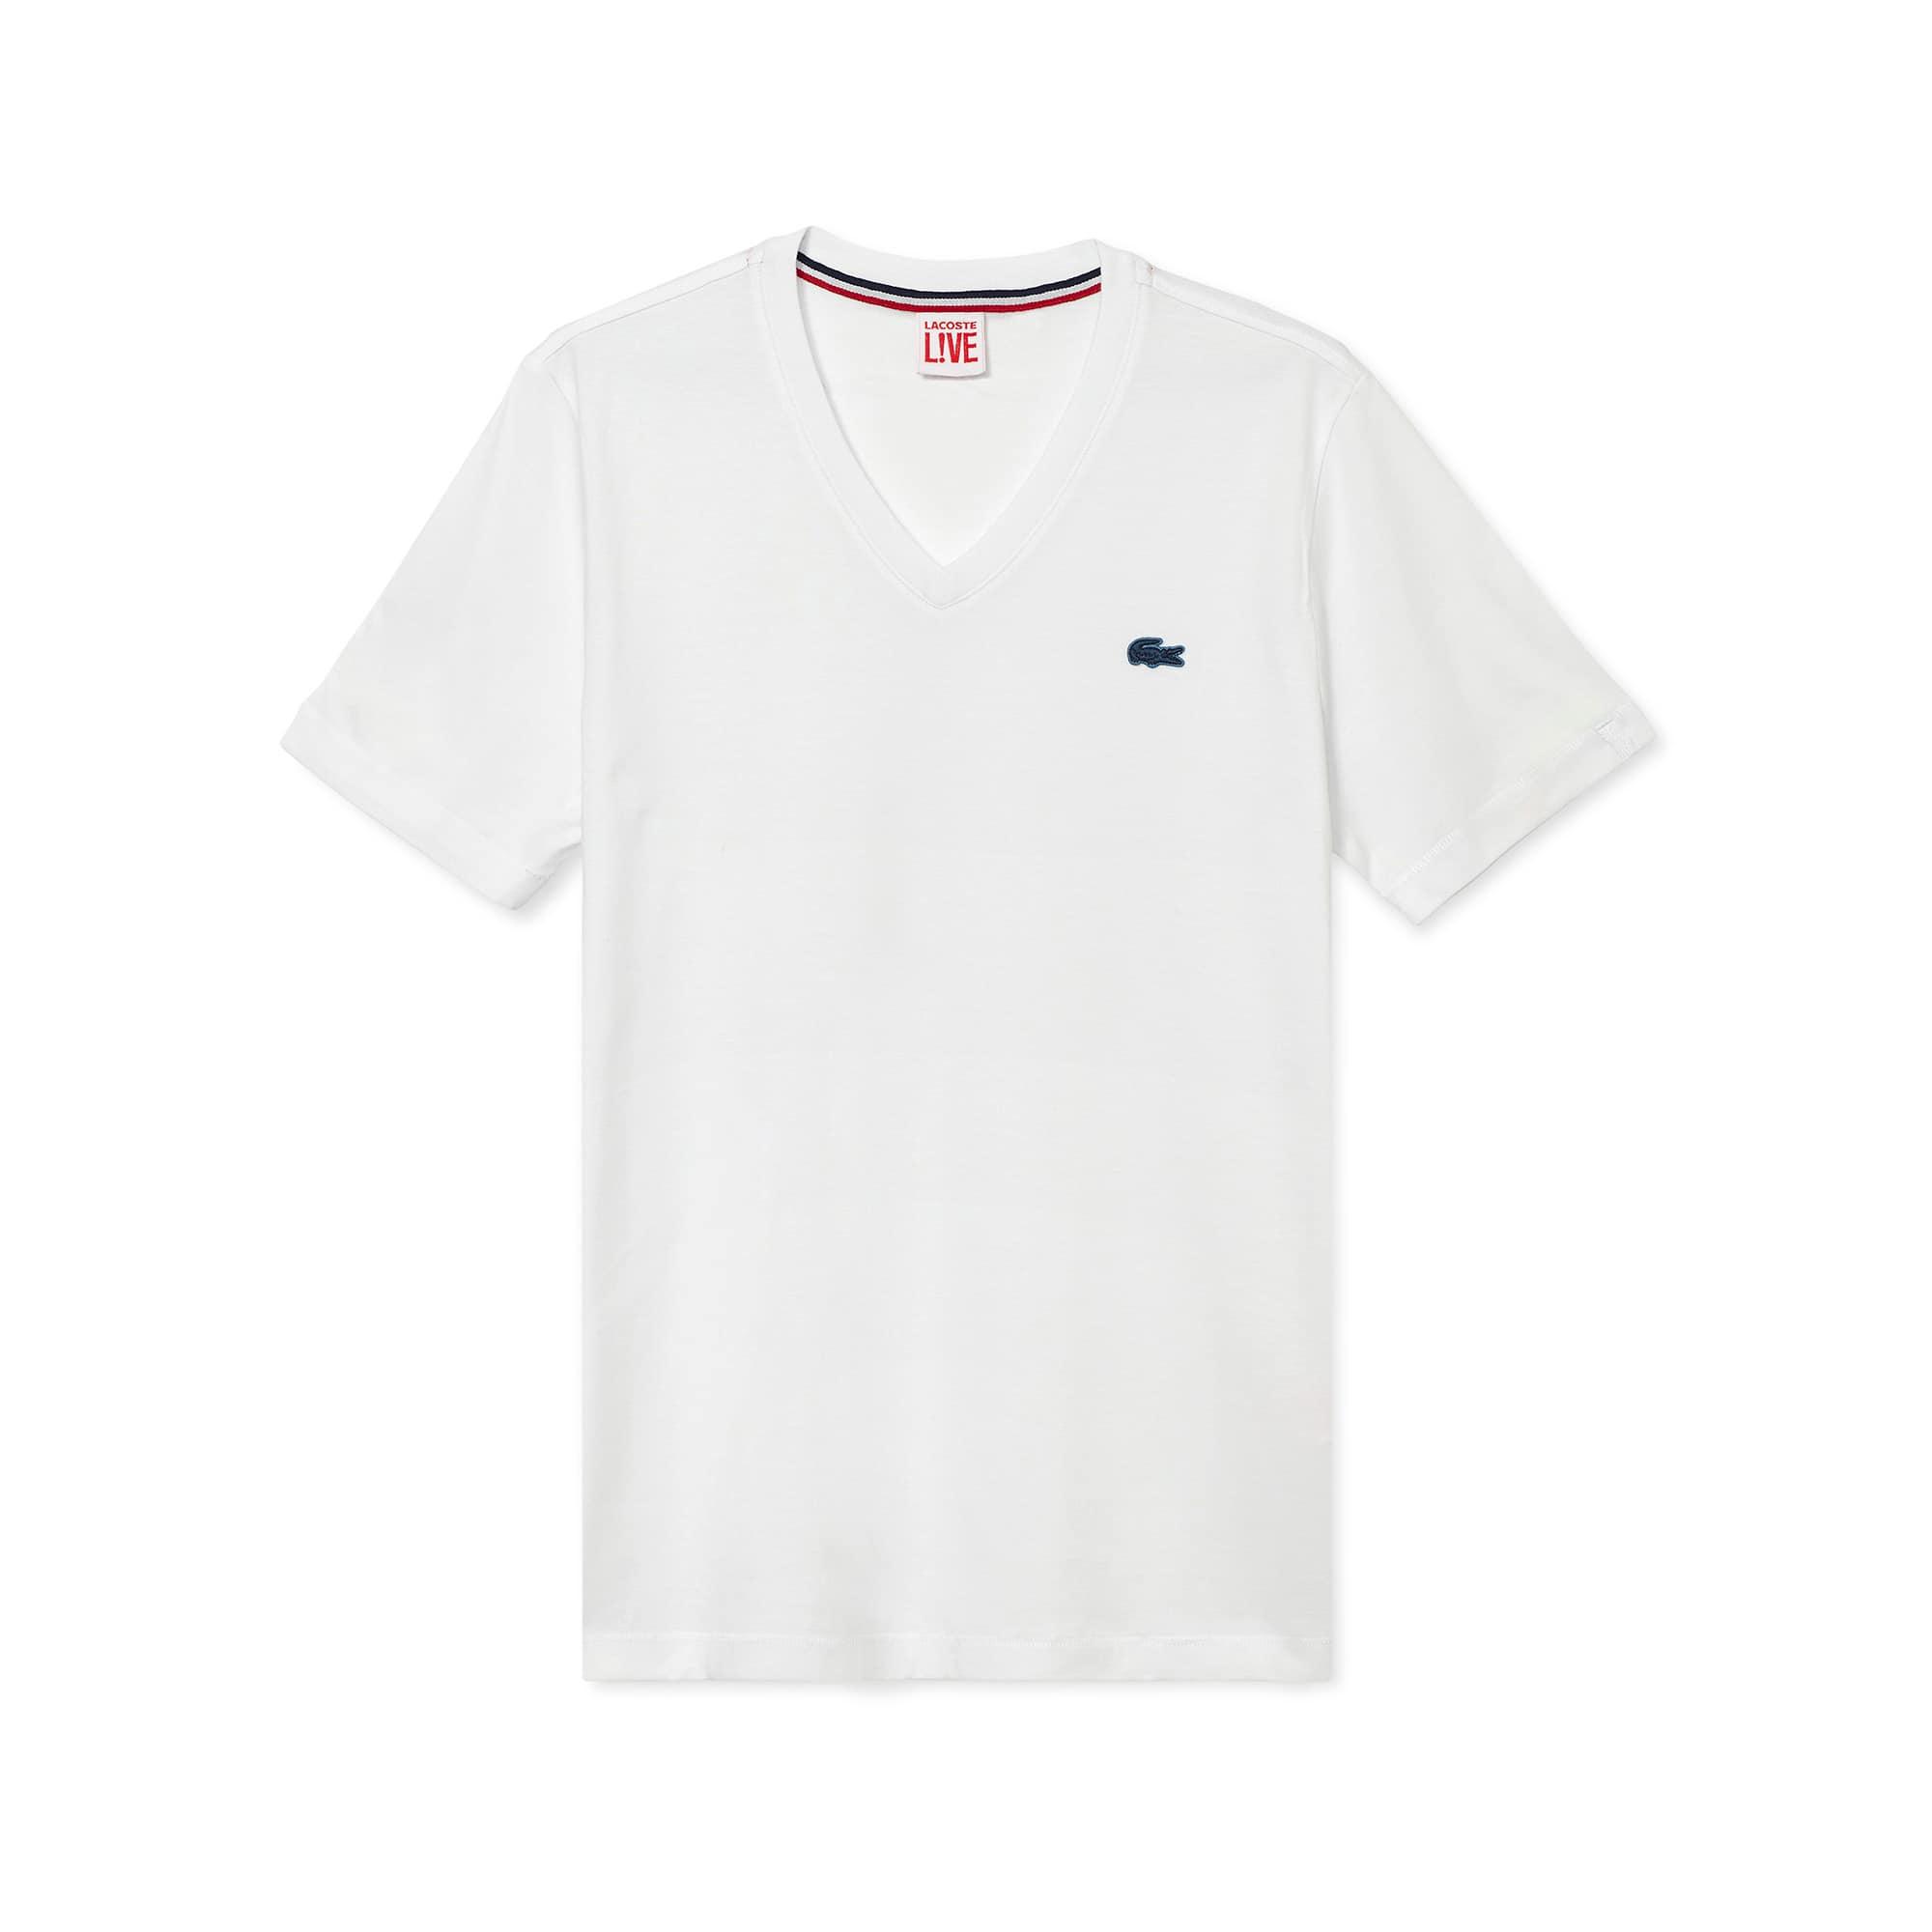 de7c04137e6 T-shirt col V unisexe Lacoste LIVE en jersey de coton uni ...